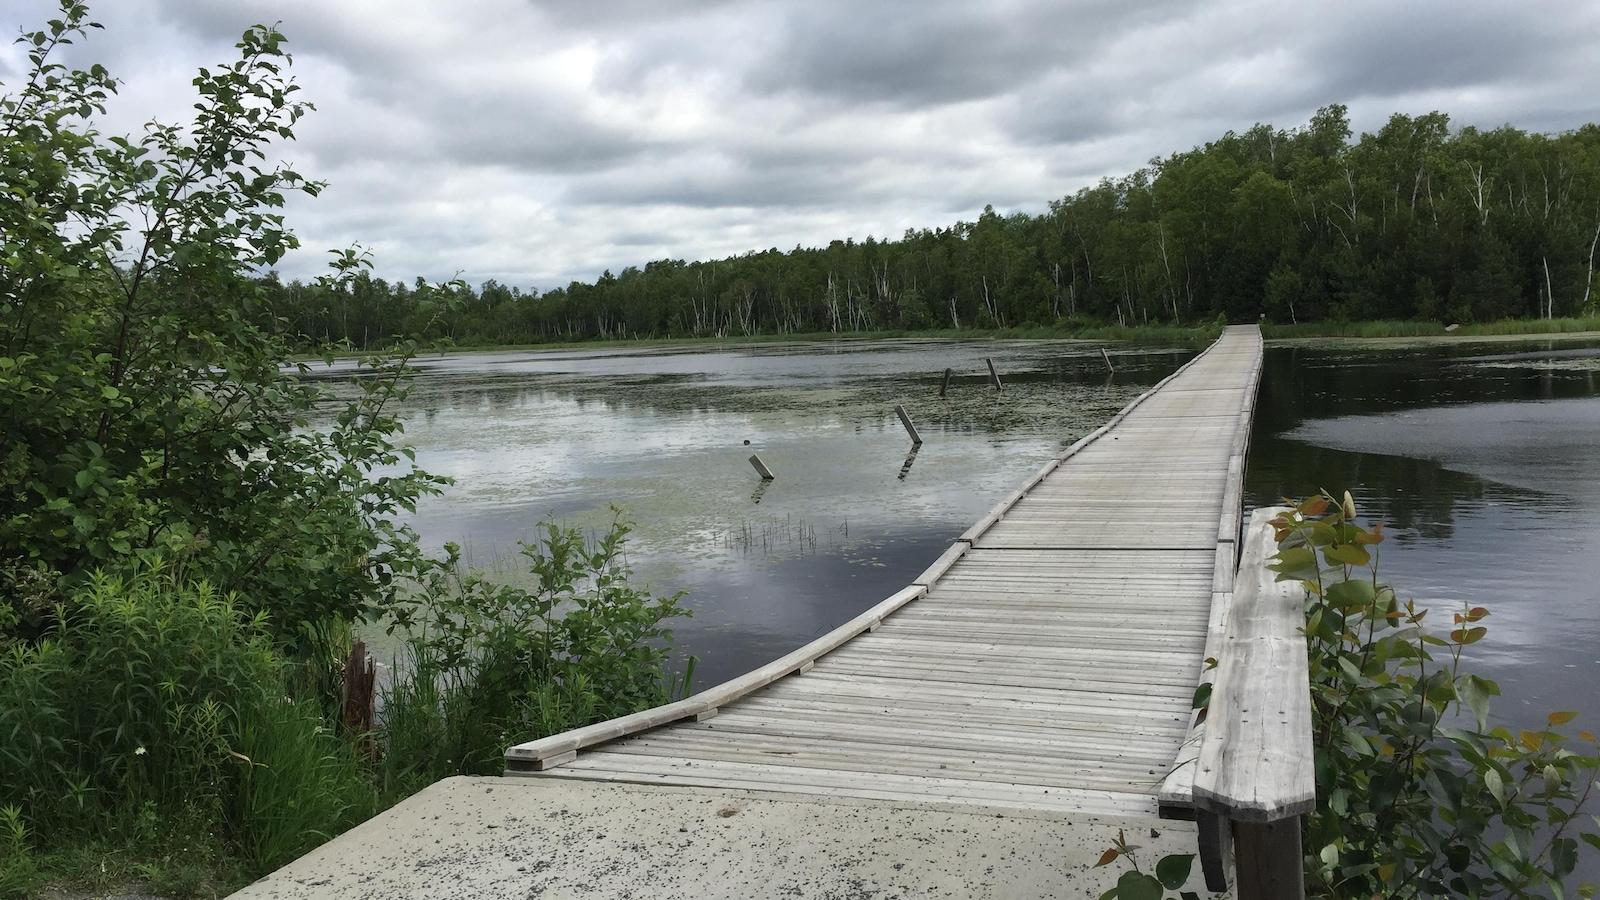 Le pont enjambe un lac